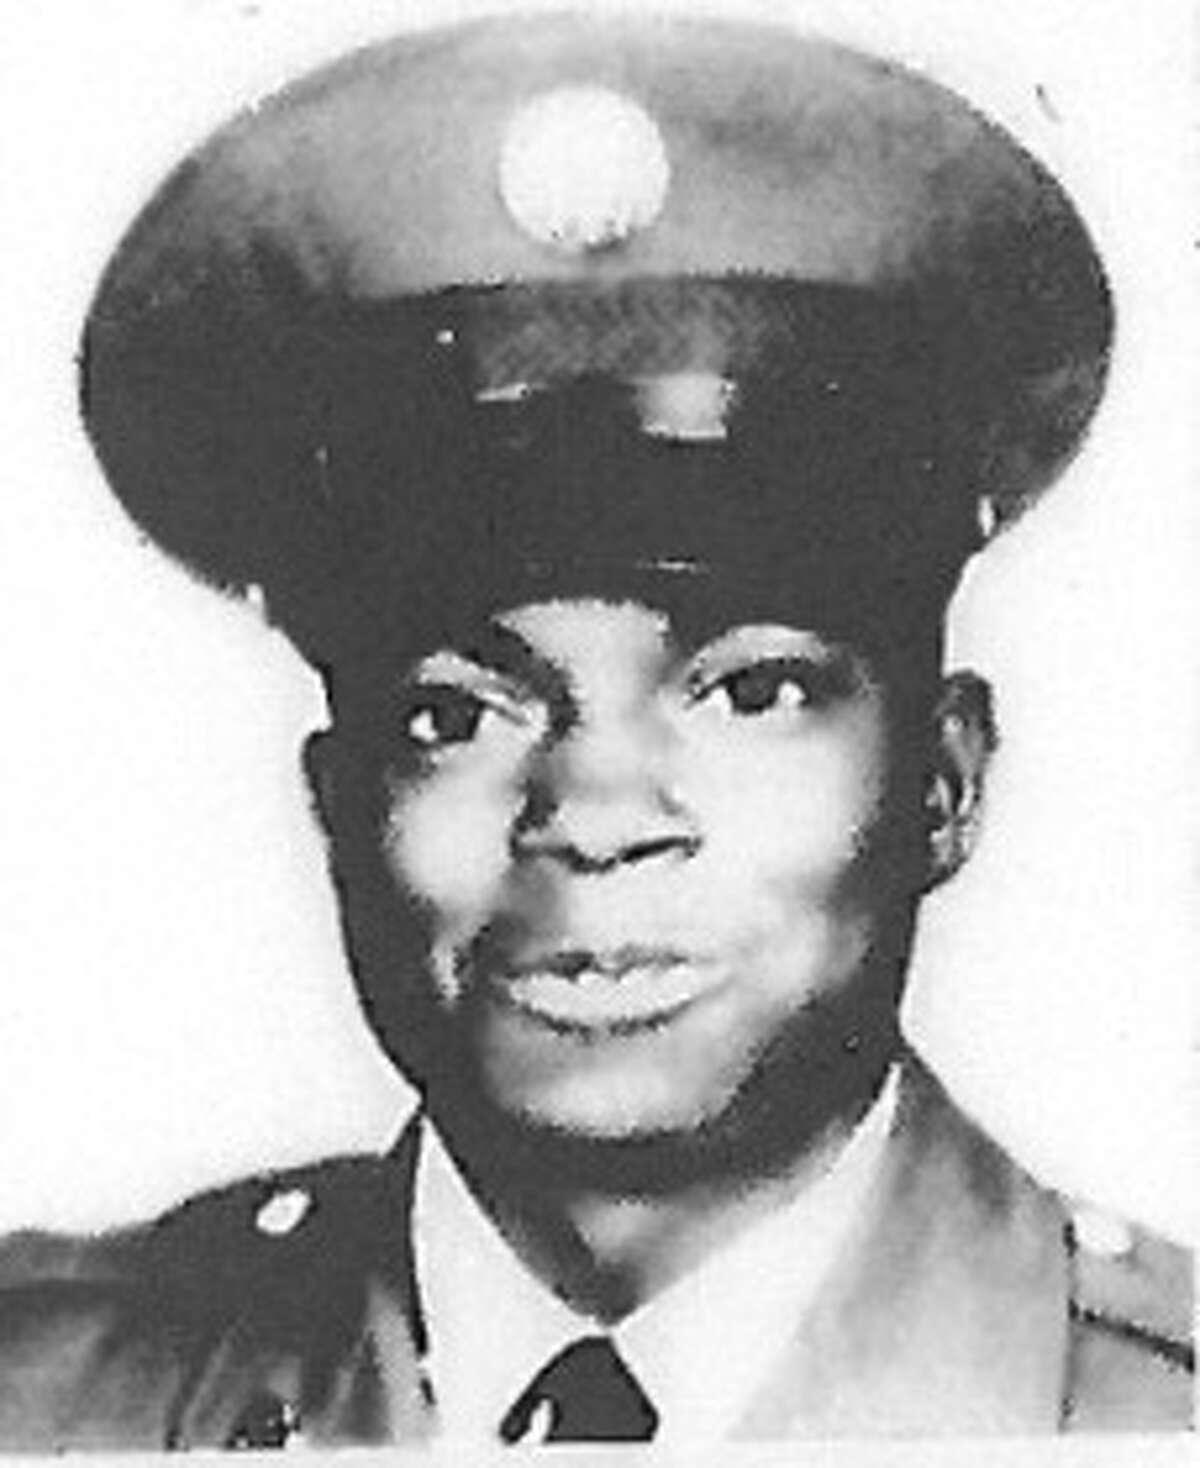 Spc. Willie Davis, Army, was killed in Vietnam in 1969.